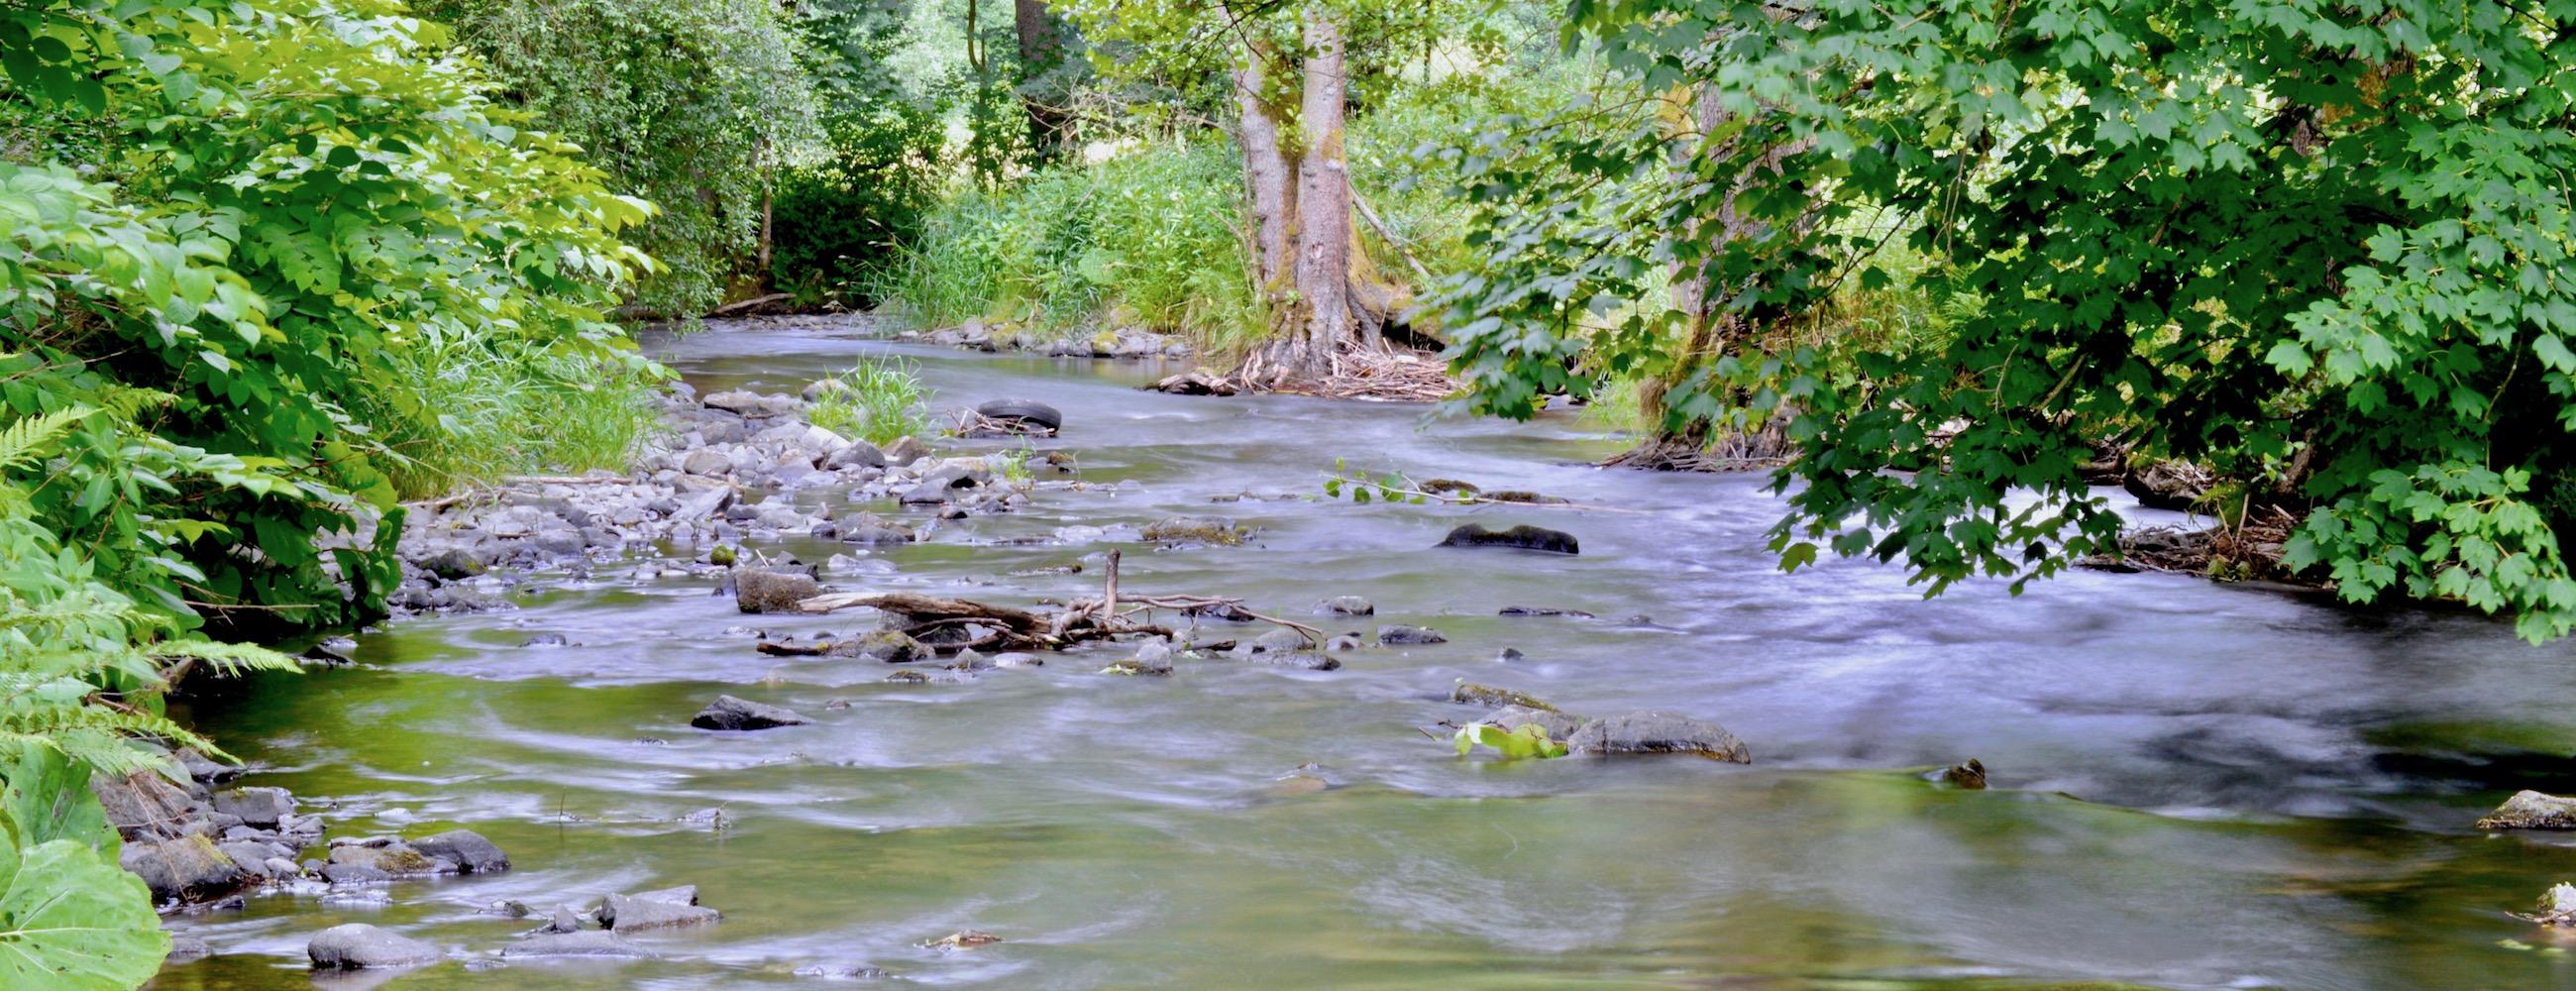 Forellengewässer NRW